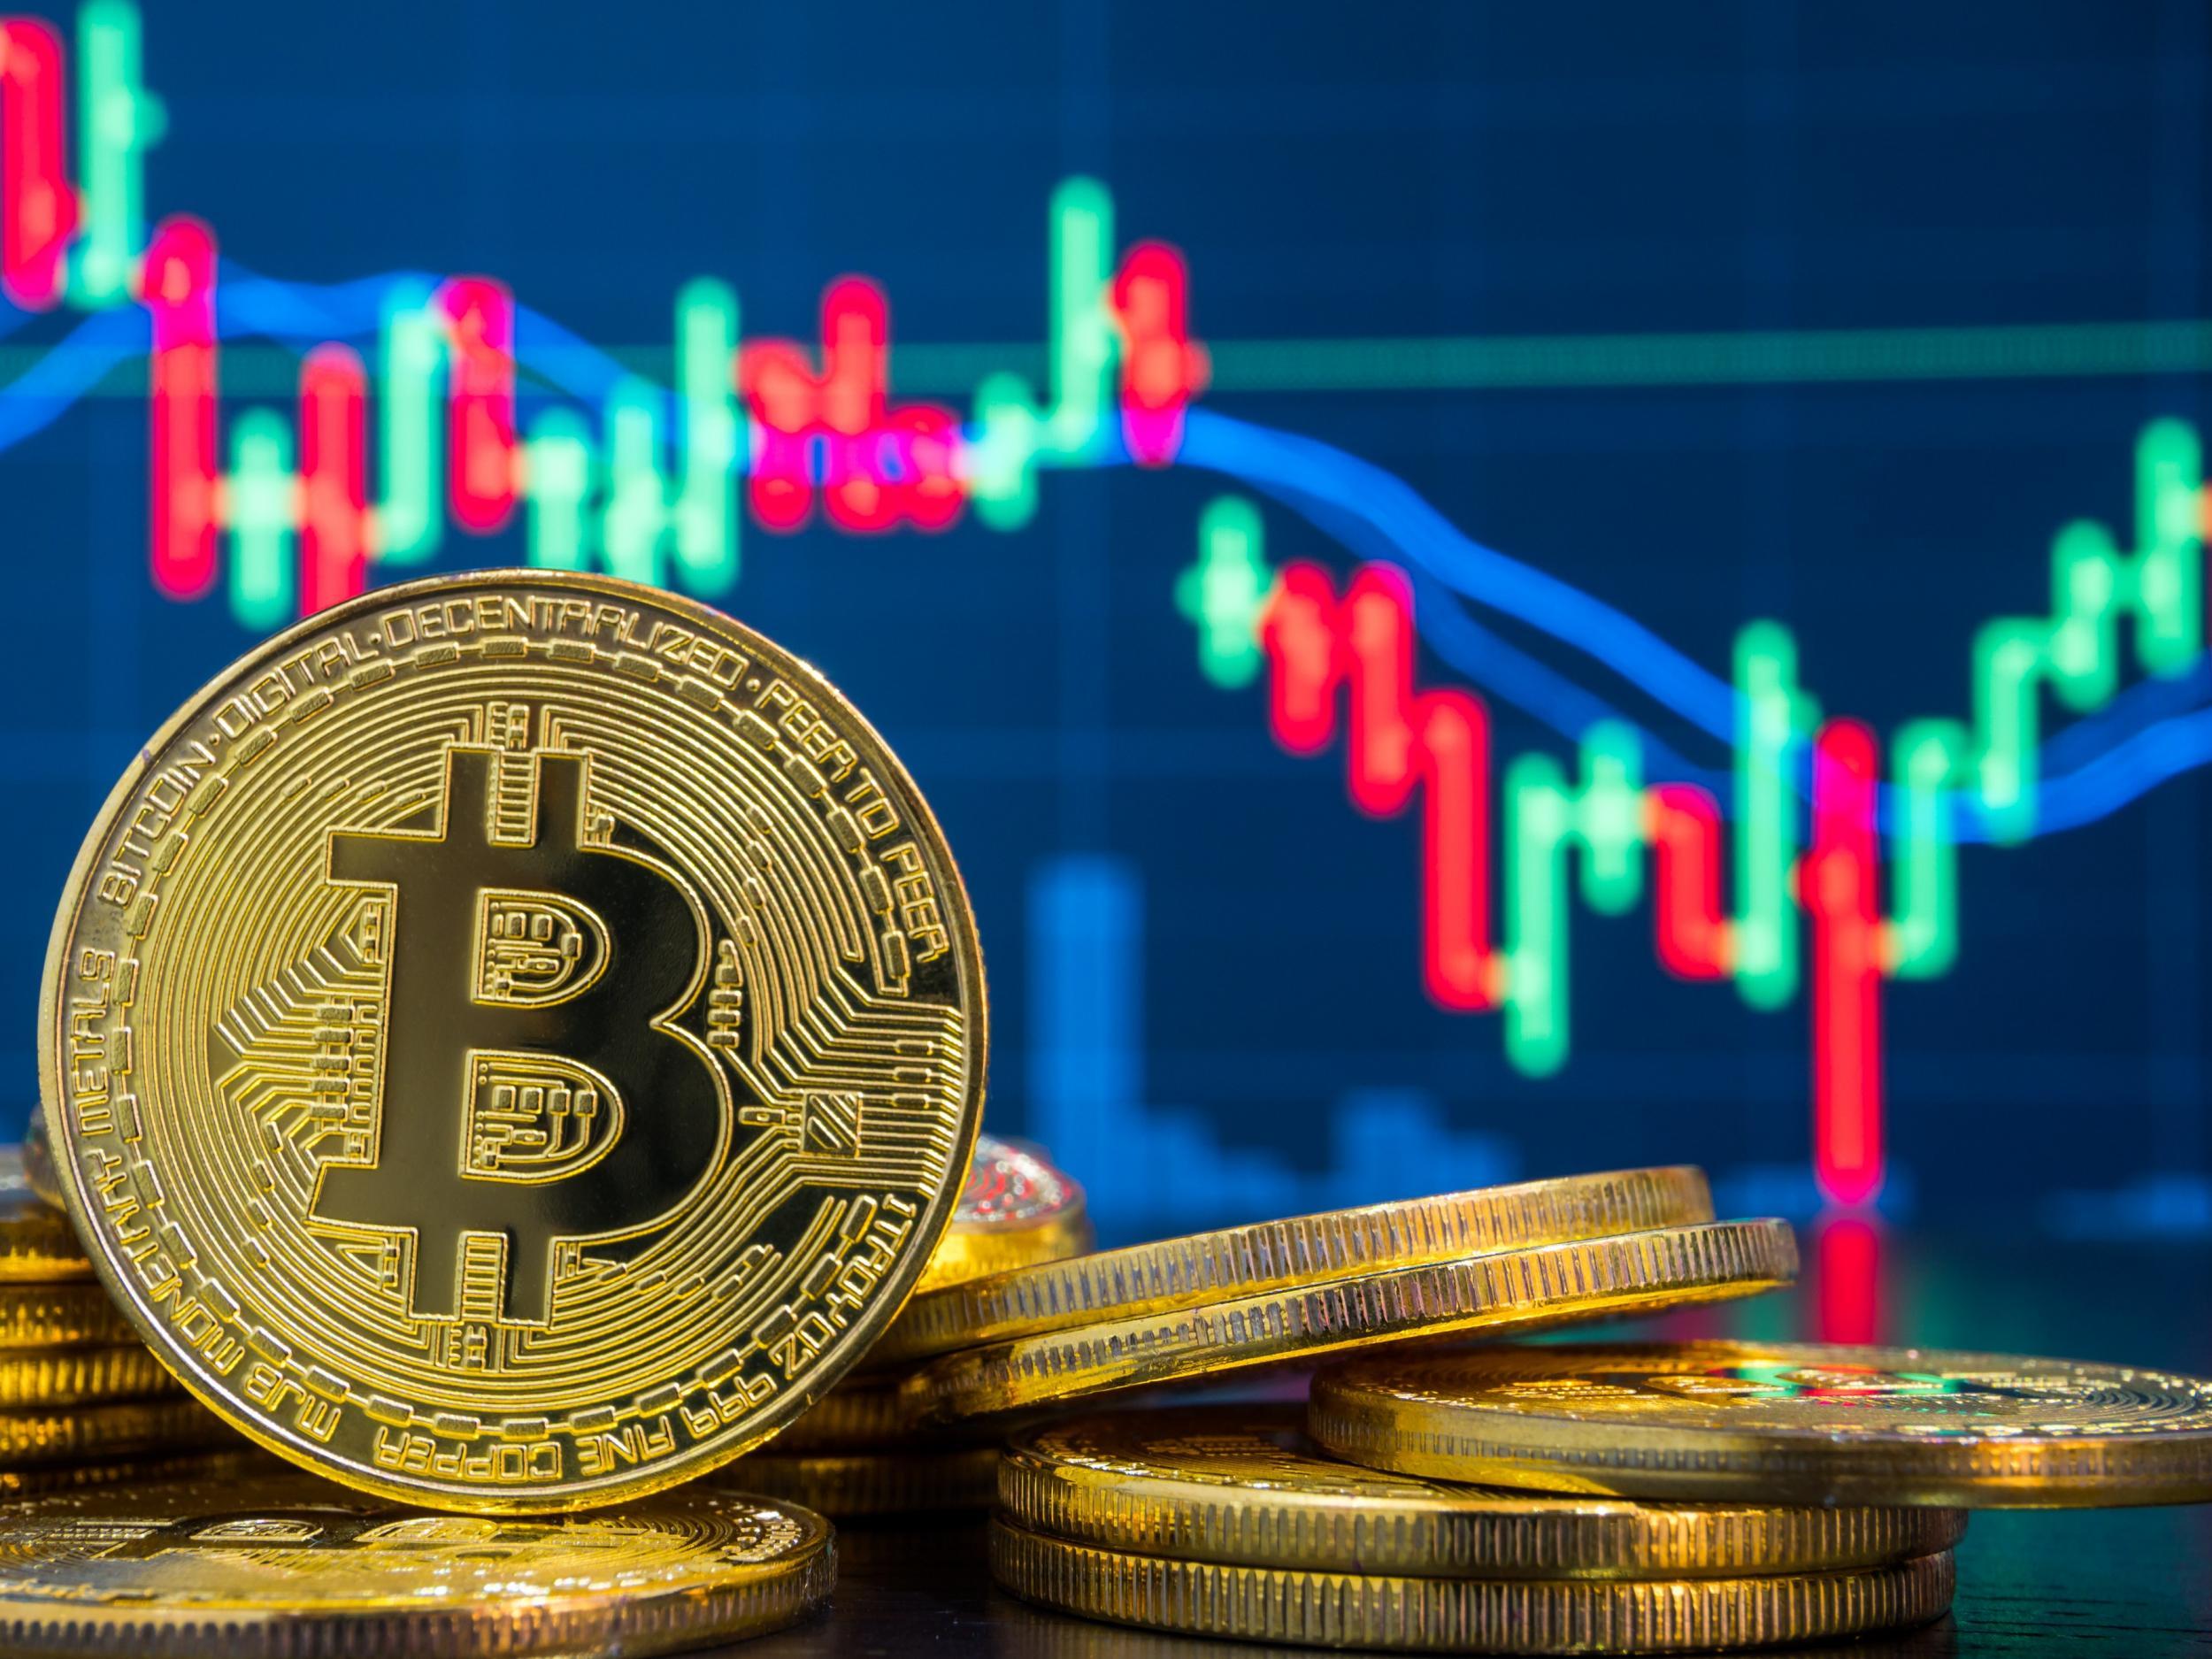 Giá bitcoin hôm nay 15/10: Giảm nhẹ, Tổng thống Putin cởi mở hơn với tiền kỹ thuật số